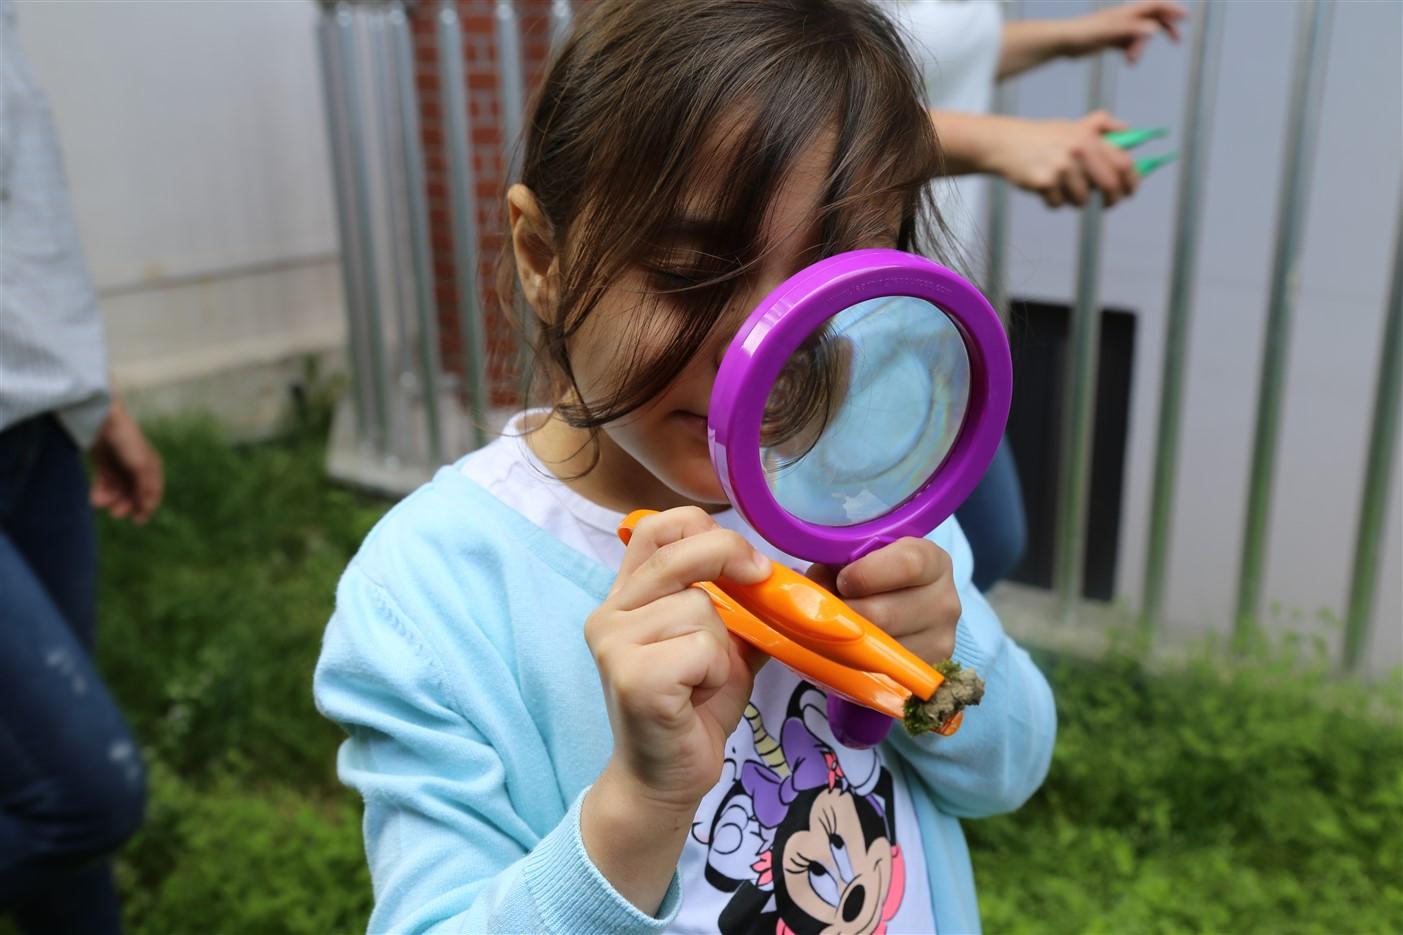 ide okulları, 'Okul Dışarıda Günü' ile Dersleri Açık Havaya Taşıdı.